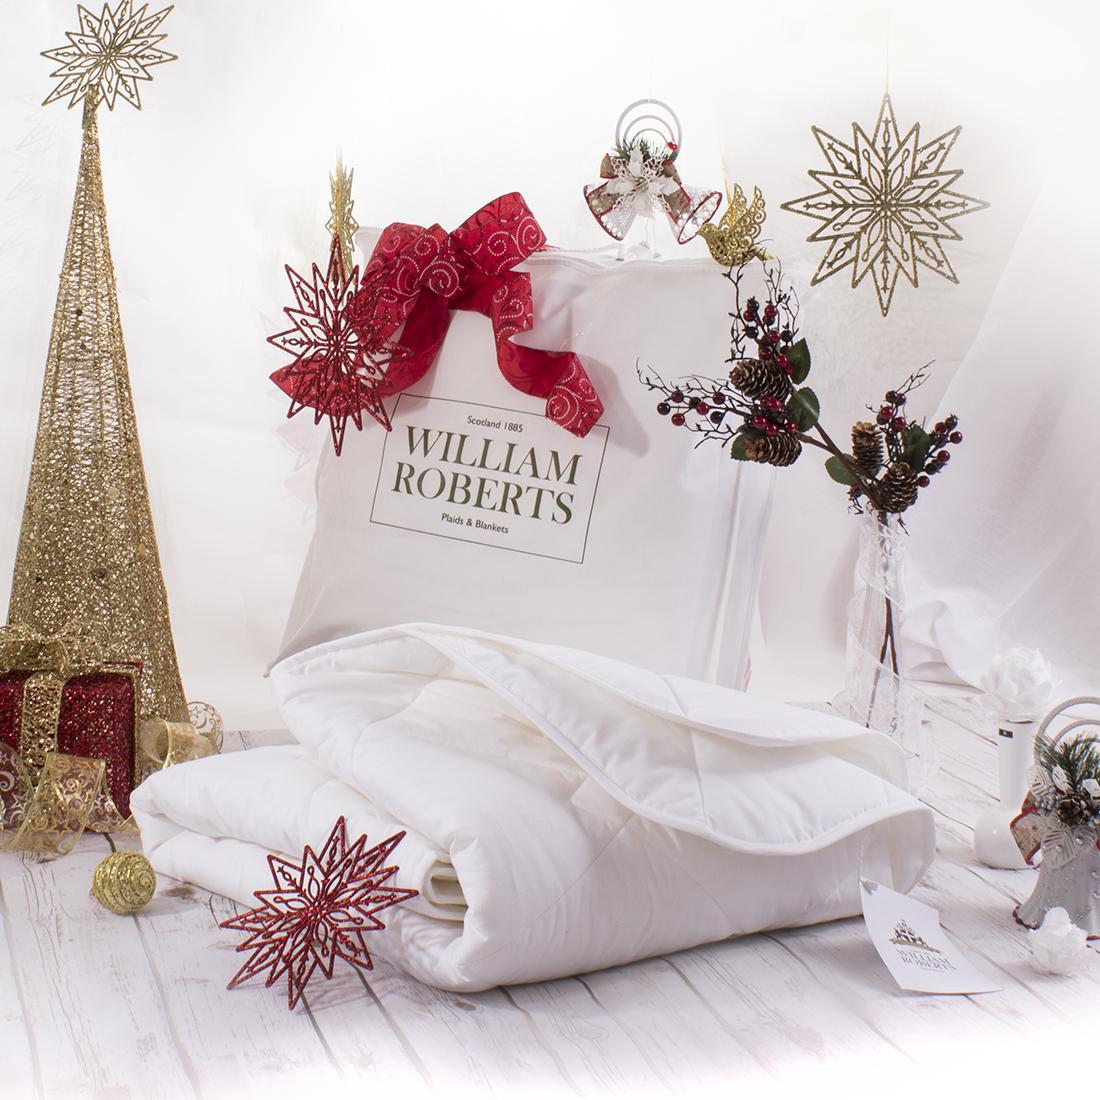 где купить Одеяла William Roberts Одеяло Essential Bamboo Всесезонное (155х200 см) по лучшей цене